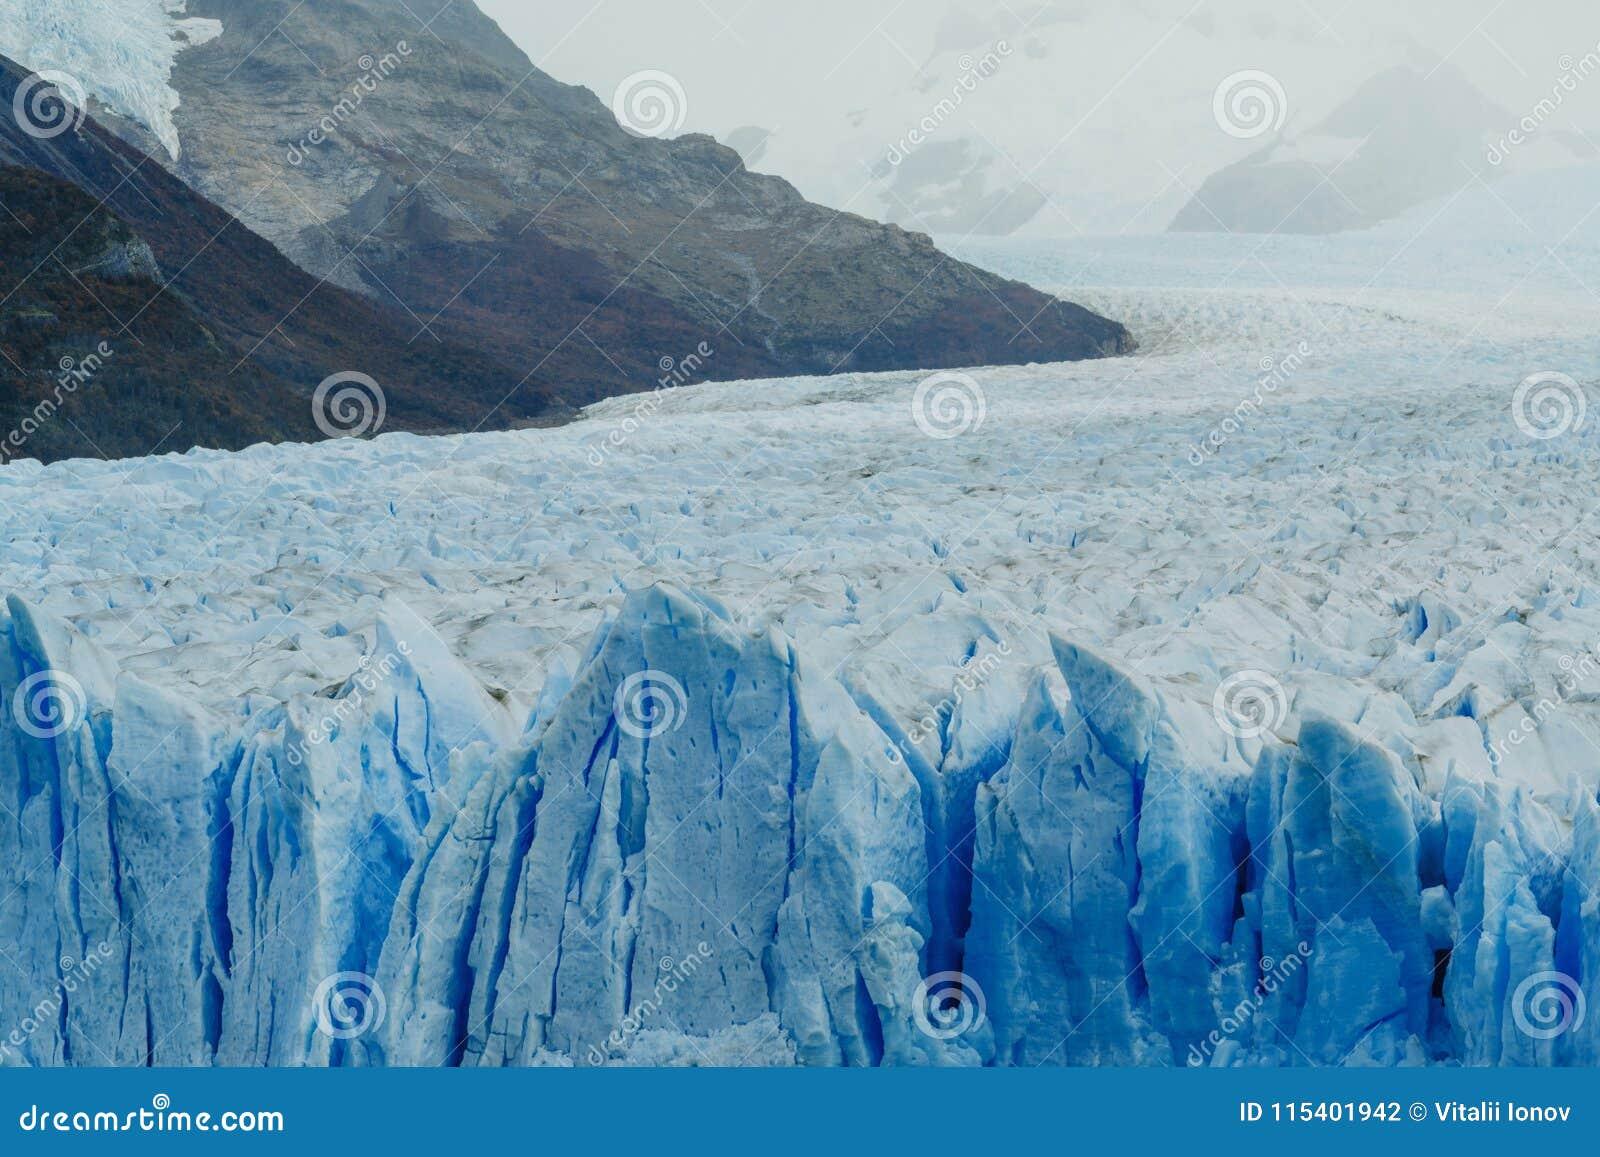 Glacier Perito Moreno in the park Los Glaciares. Autumn in Patagonia, the Argentine side